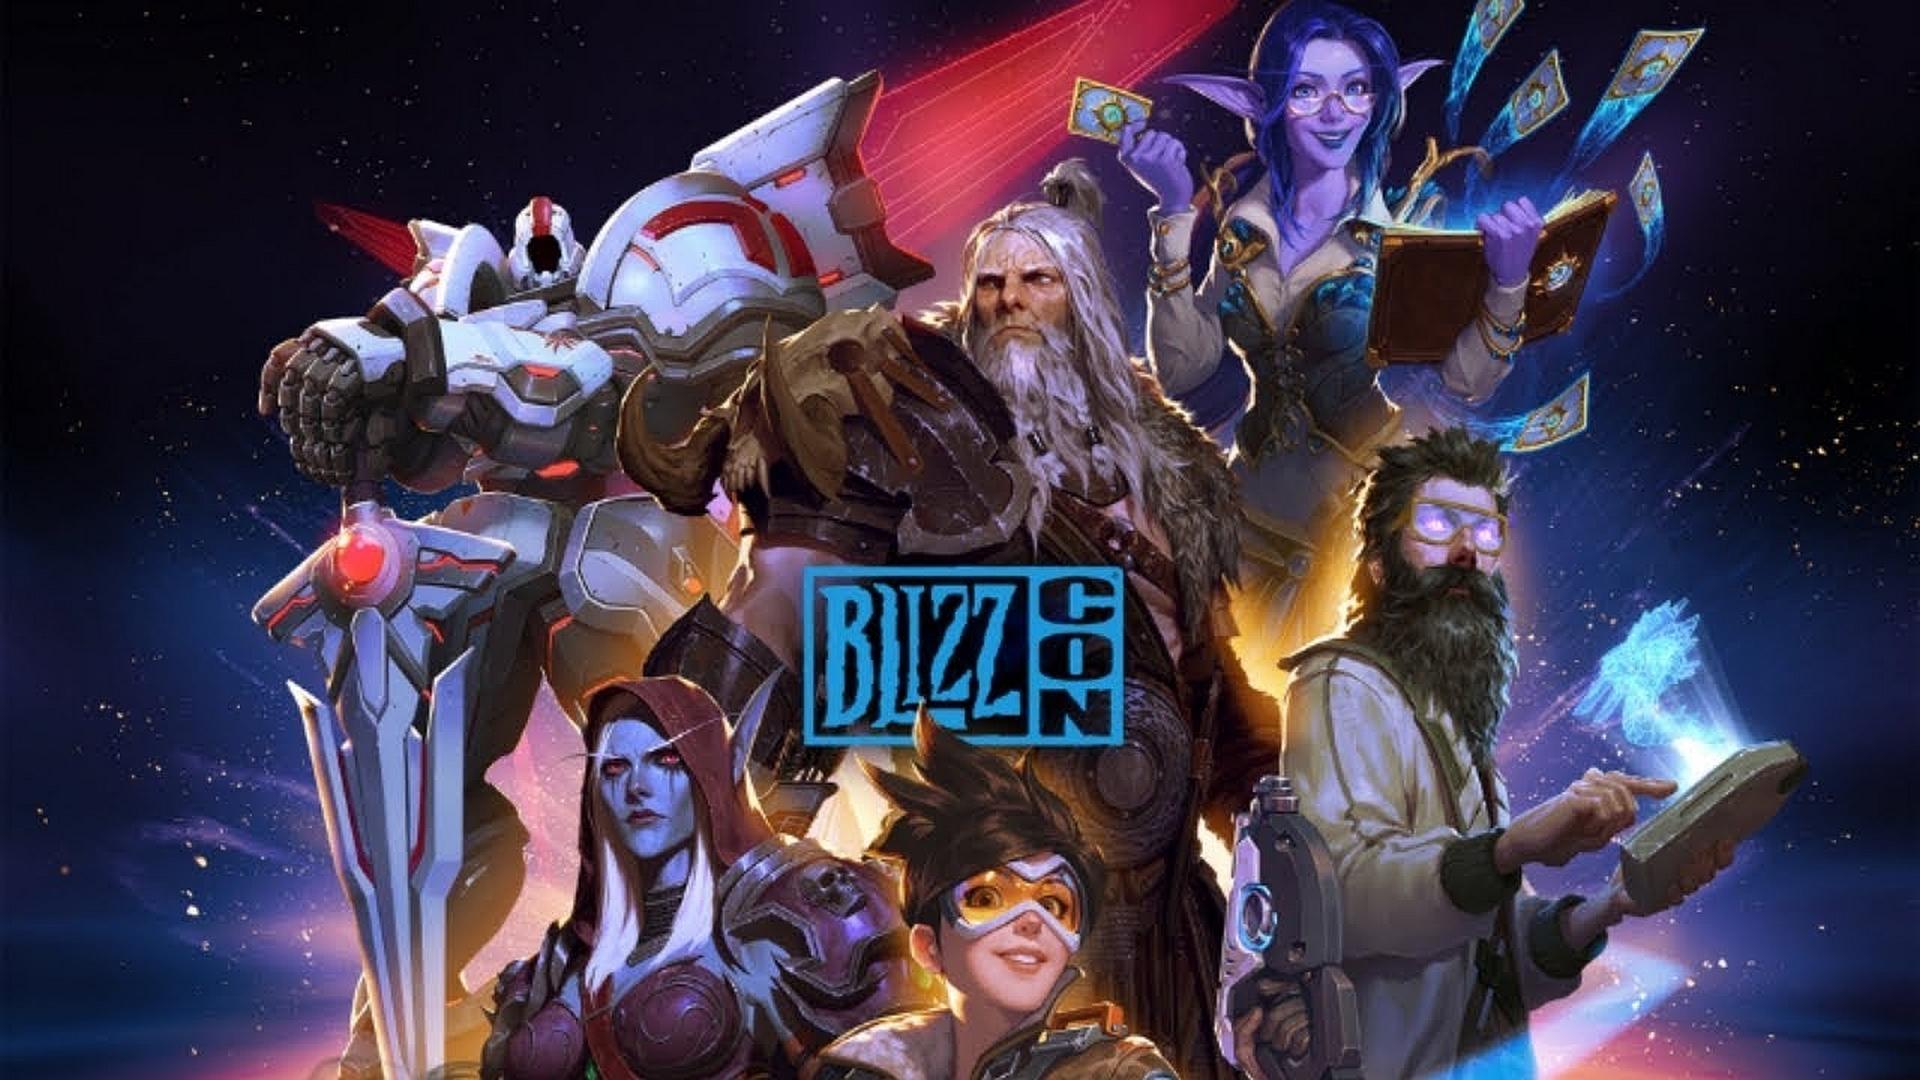 Overwatch, Hearthstone, World of Warcraft, Warcraft 3: Reforged, Blizzard Entertainment